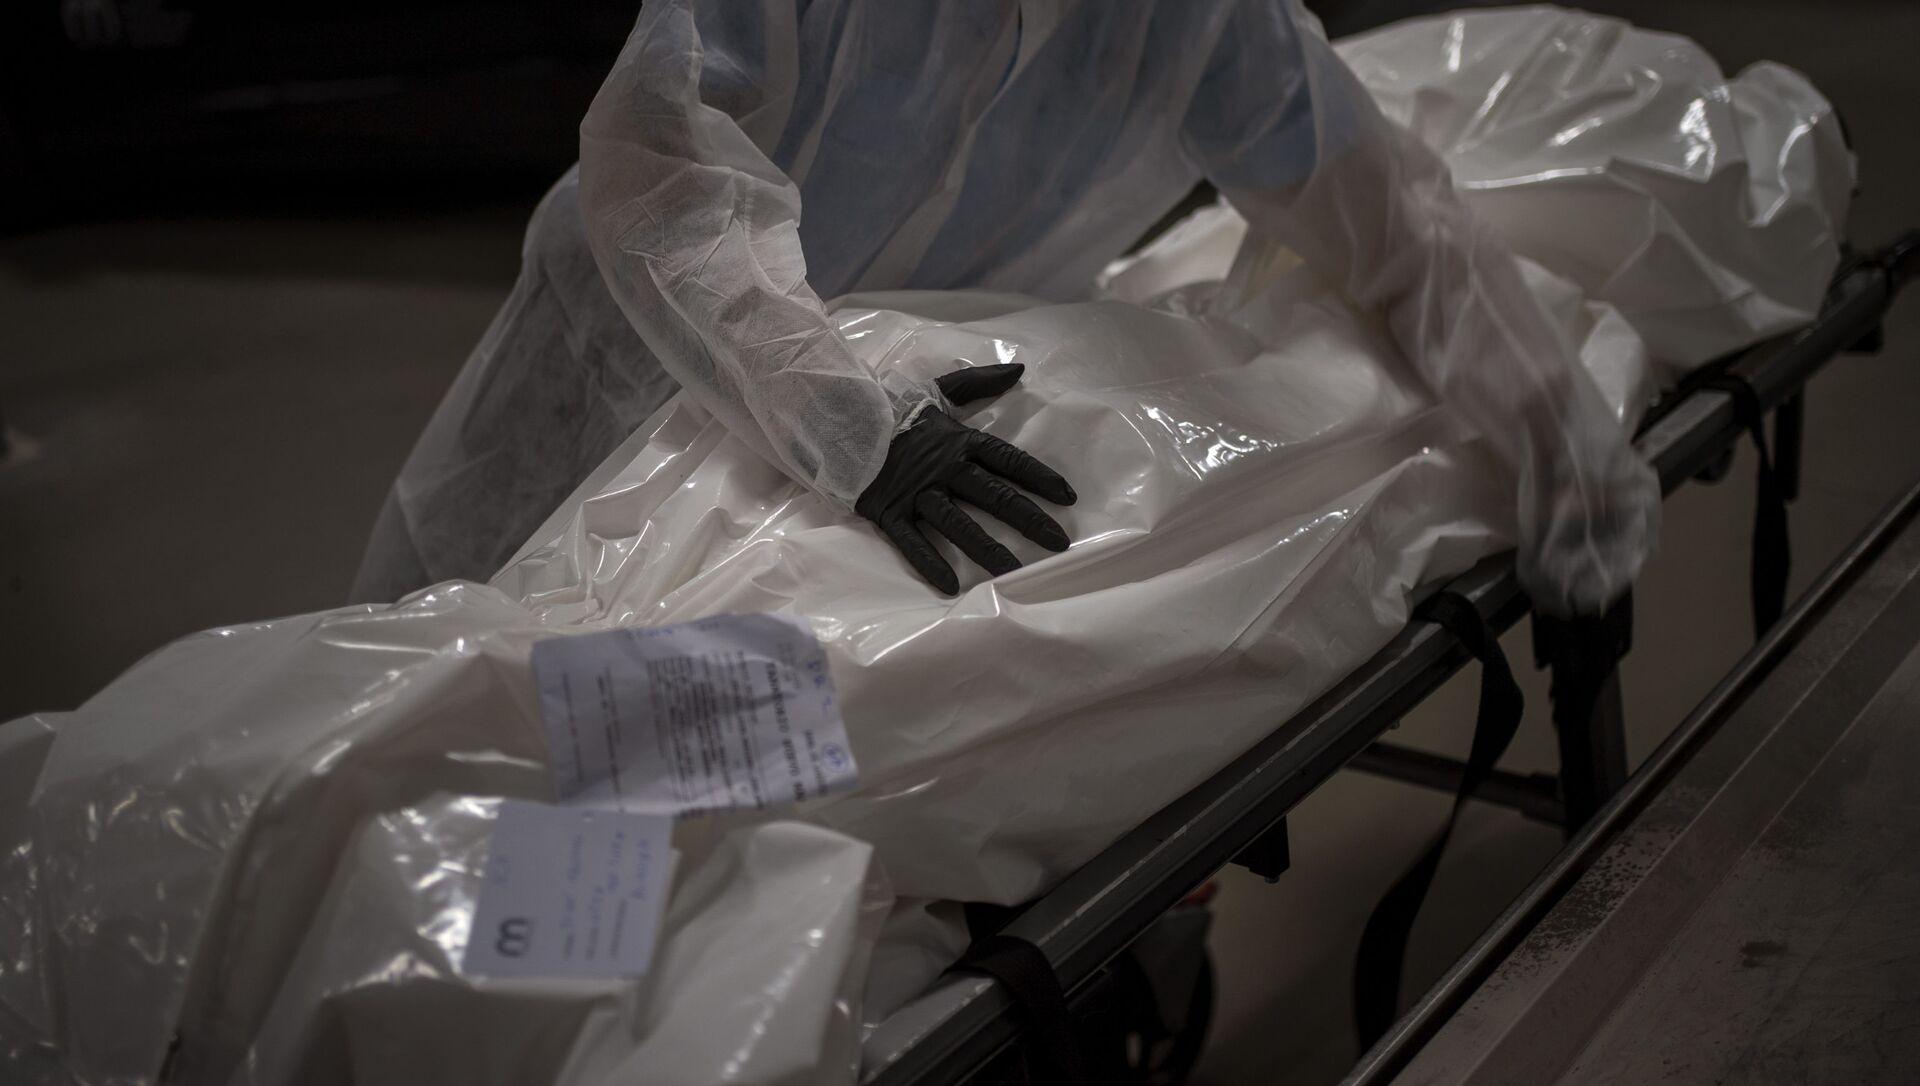 Работник похоронного бюро перемещает тело человека, умершего от COVID-19, в морг  - Sputnik Азербайджан, 1920, 15.03.2021